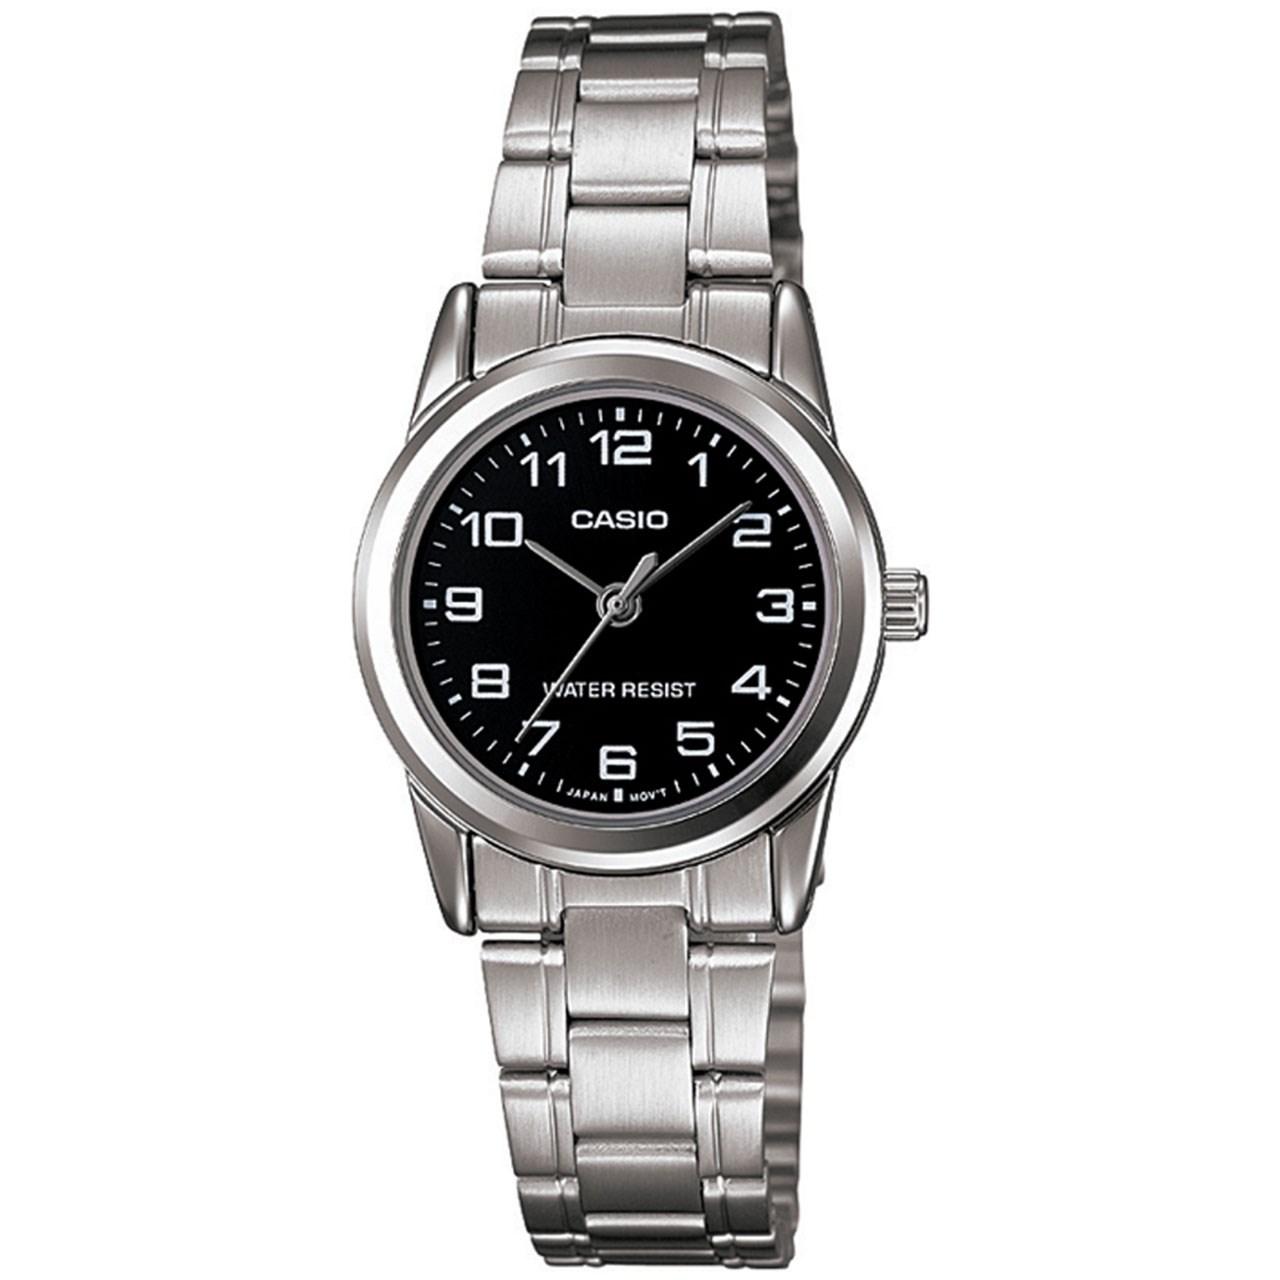 ساعت مچی عقربه ای زنانه کاسیو مدل LTP-V001D-1BUDF